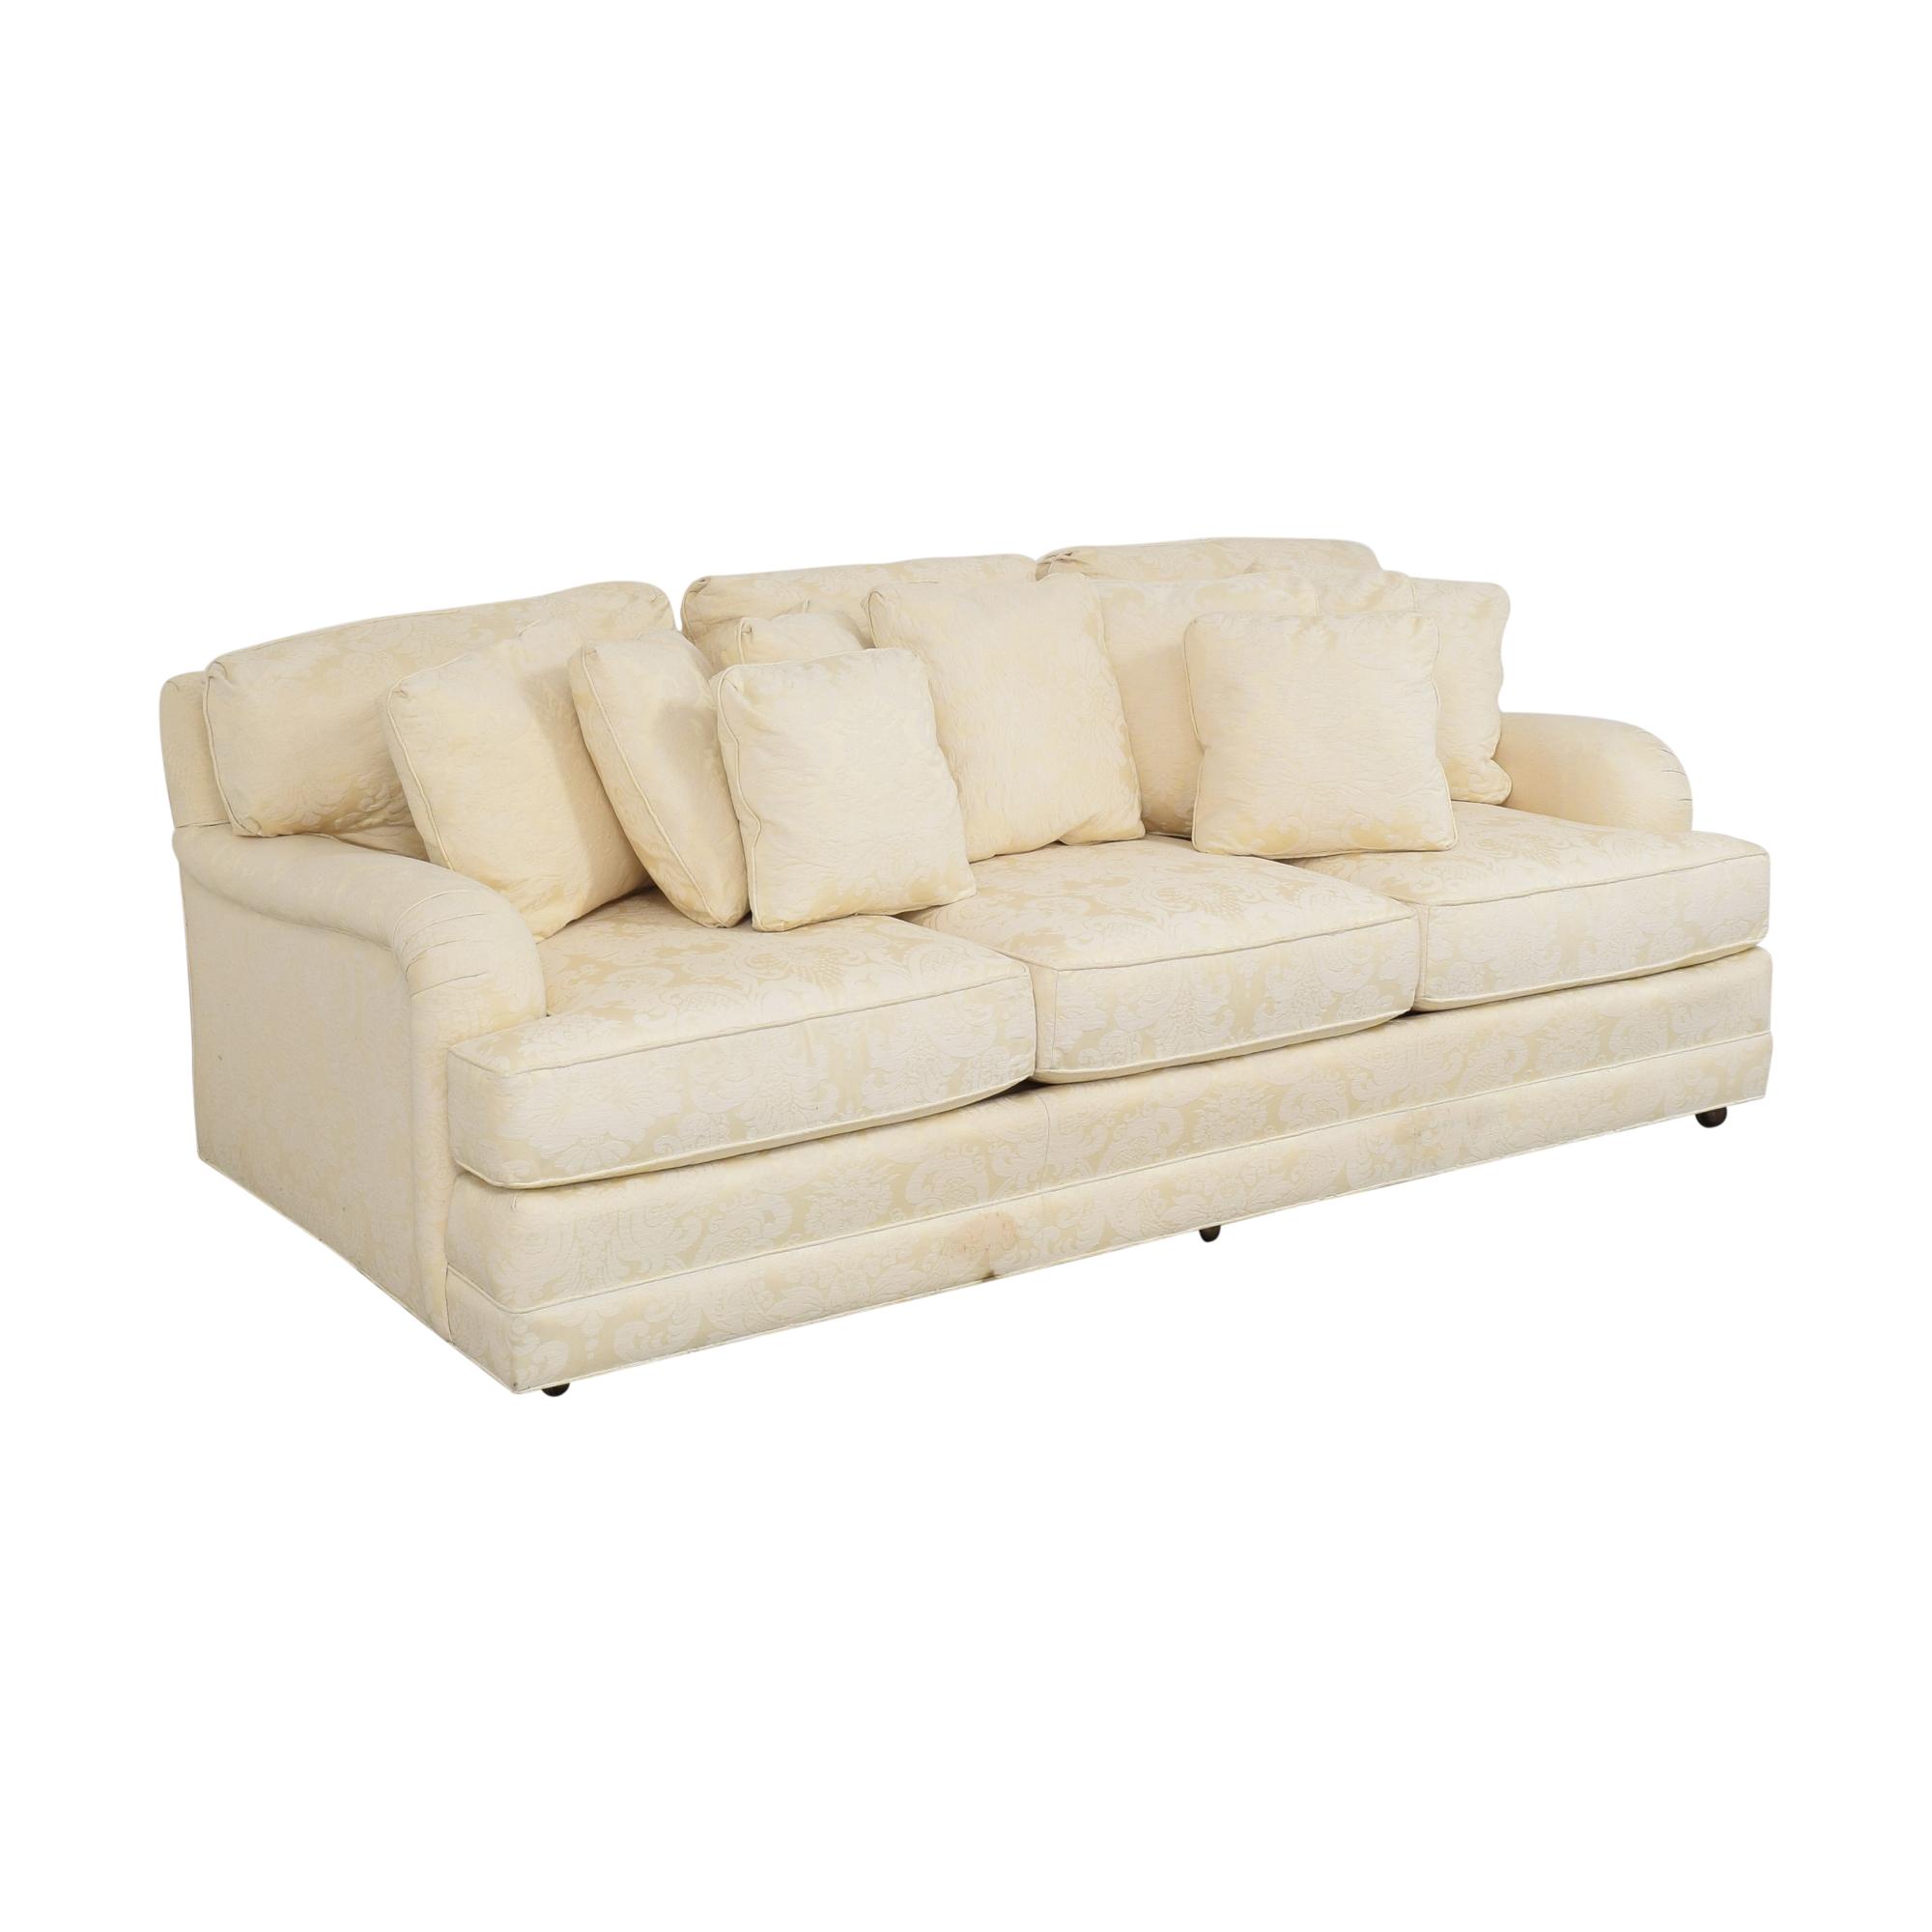 Henredon Furniture Henredon Damask Sofa ct